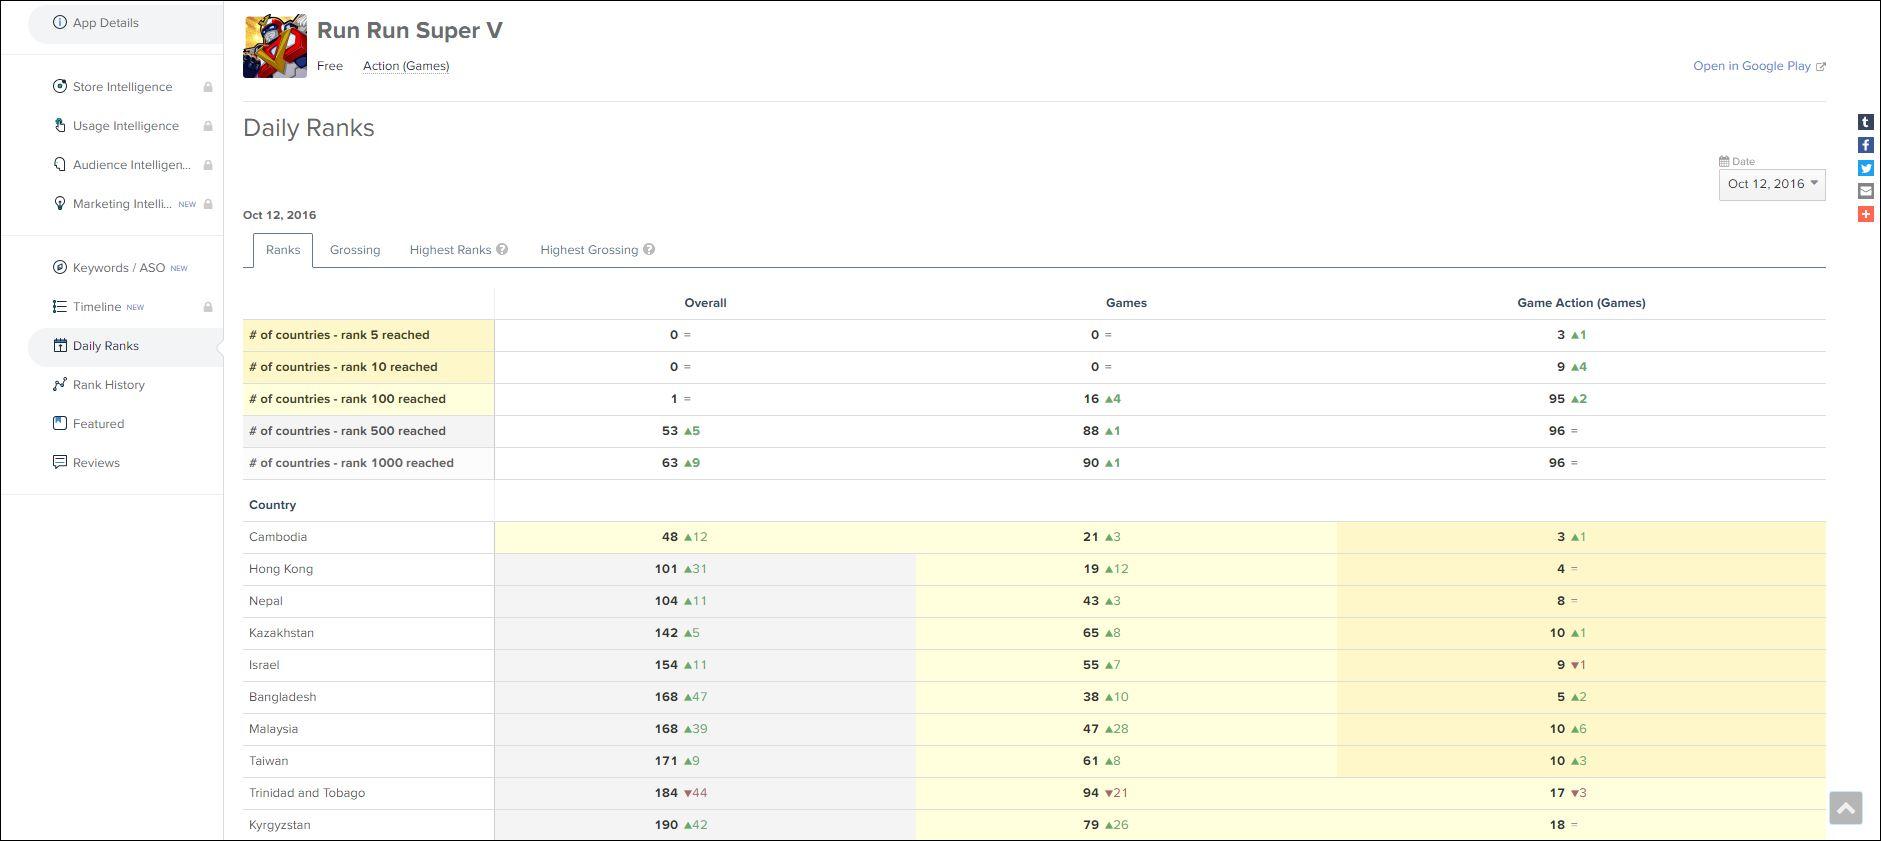 40e85e026a2 We did it! Run Run Super V reaches 1 million downloads on Google ...